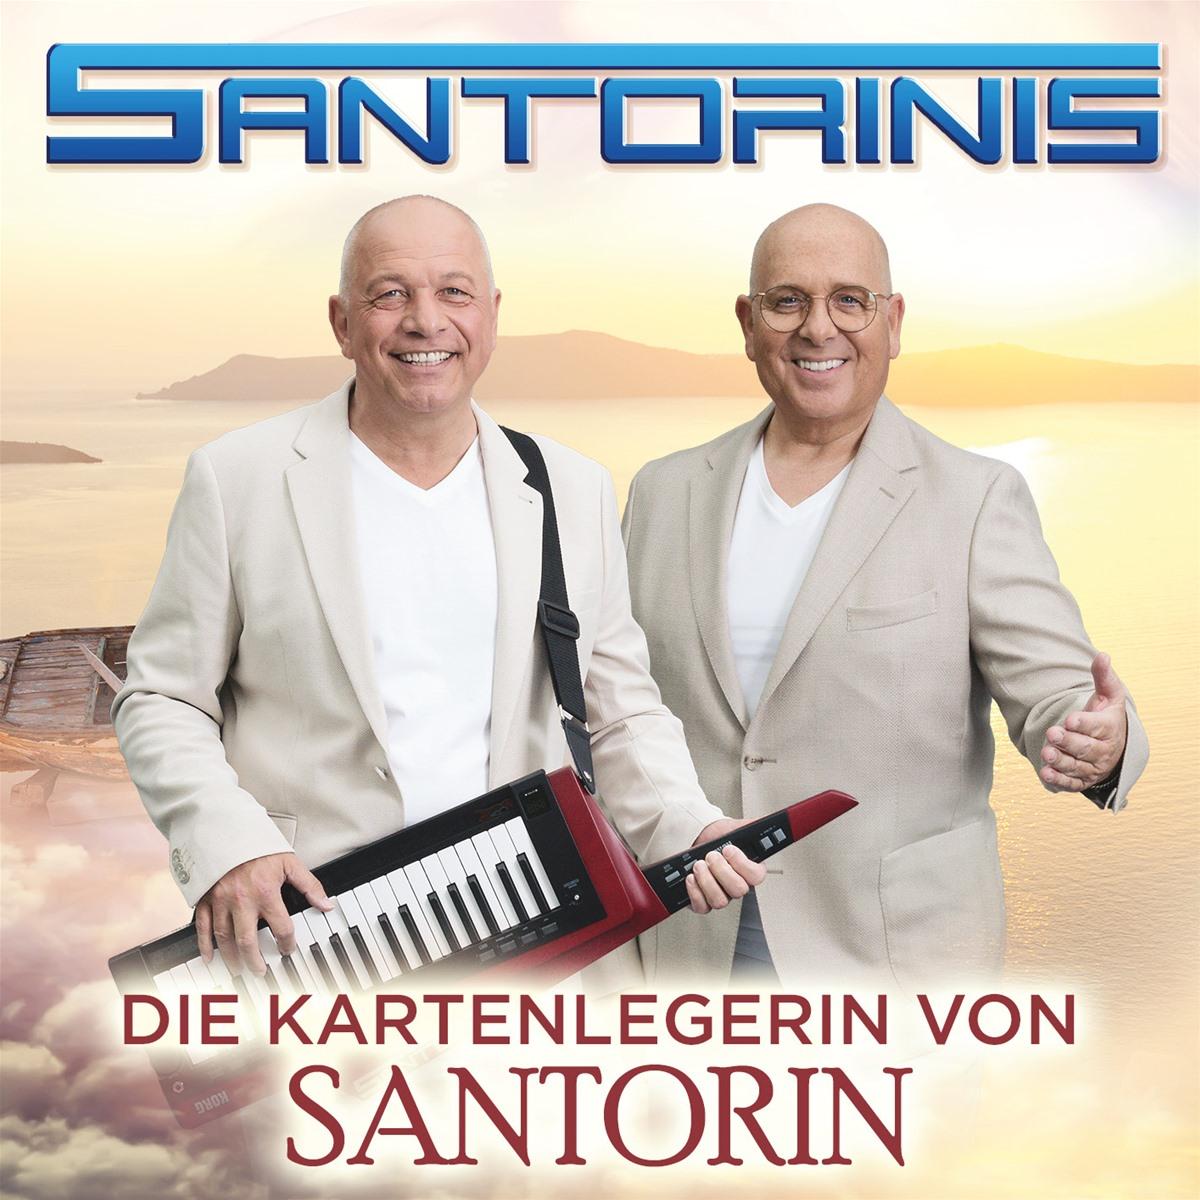 Santorinis - Die Kartenlegerin von Santorin (2021)